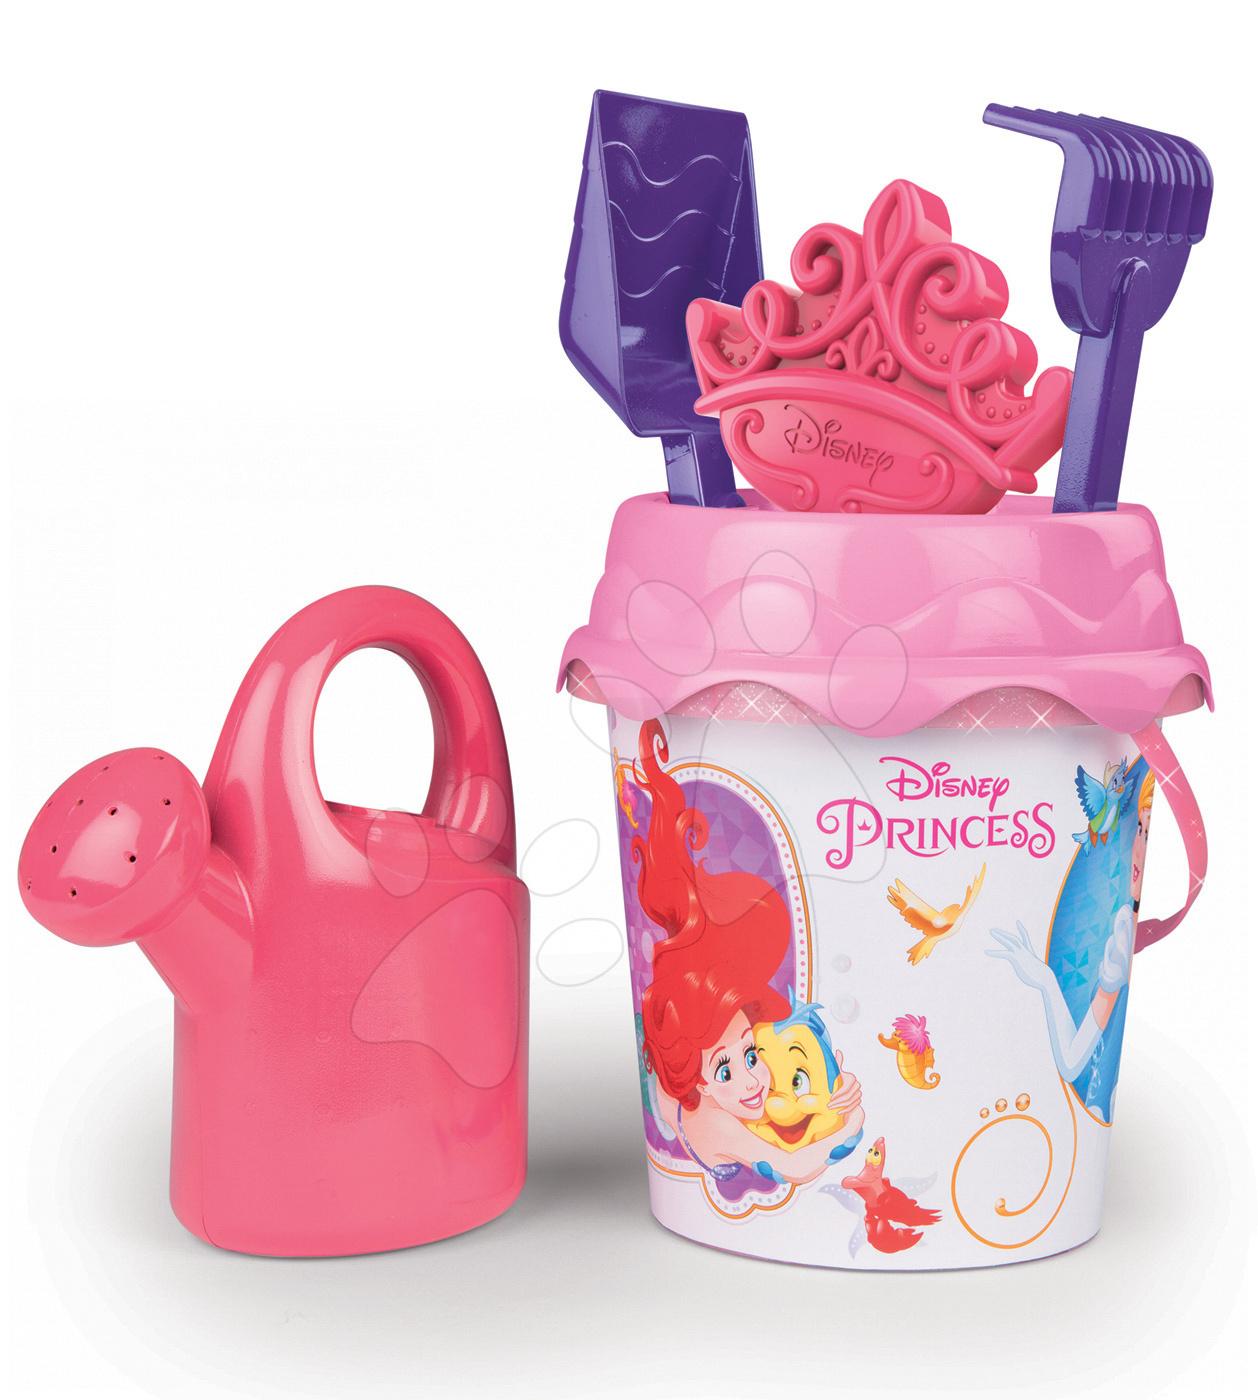 Kbelík set s konvičkou Disney Princezny Smoby 6 dílů růžový (výška 16 cm) od 18 měsíců